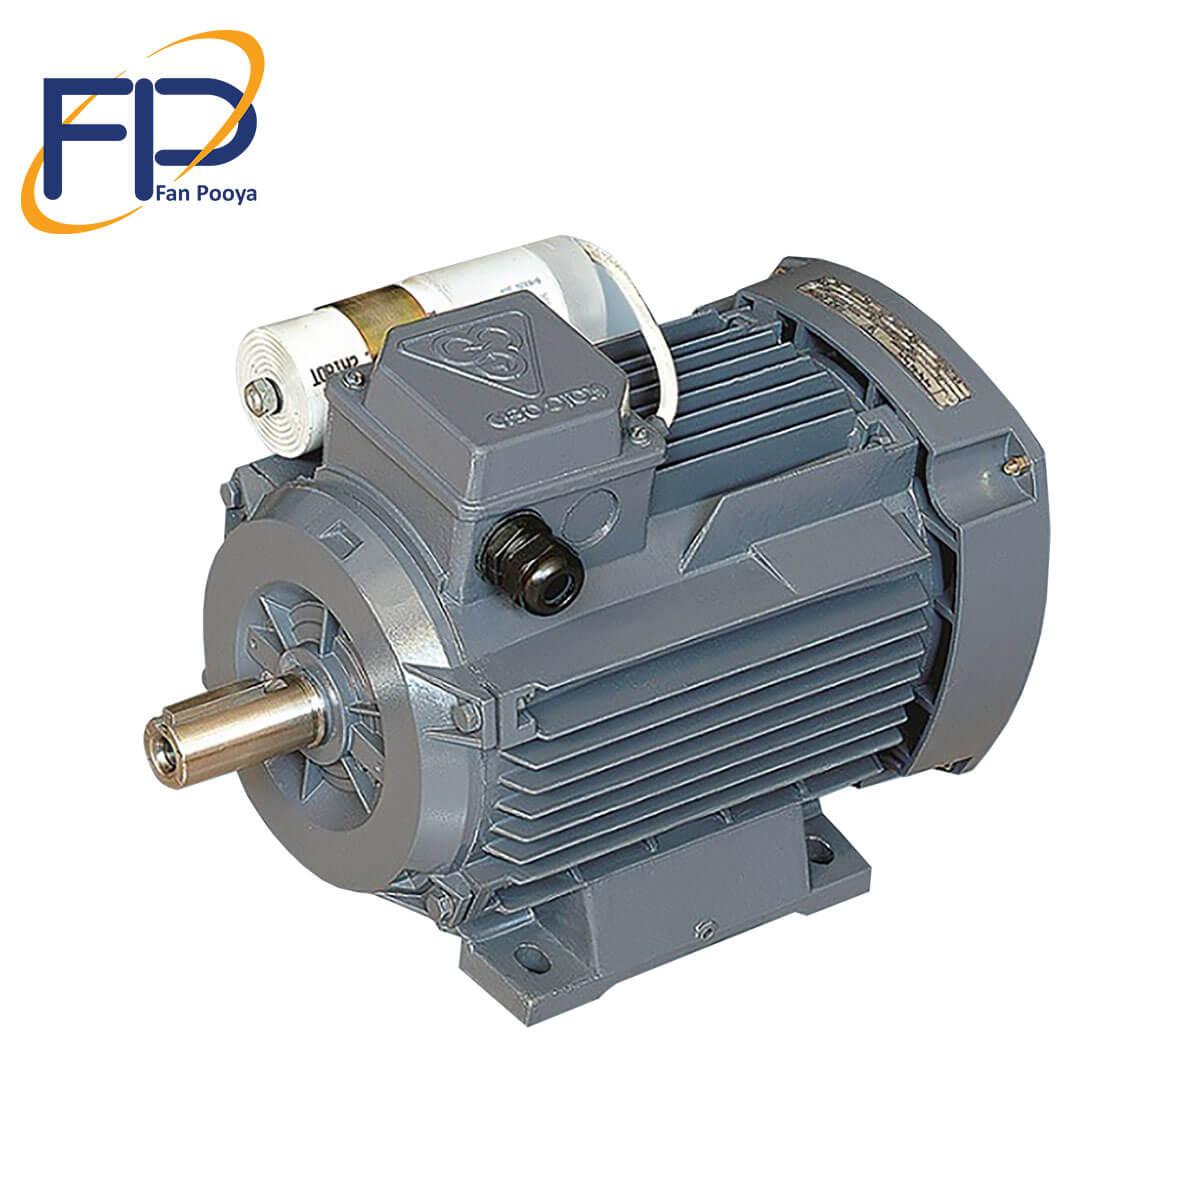 الکتروموتورموتوژن خازن داردائم(CR)بافرم آلومینیومی قدرت0.75kw کیلو وات 1500دور